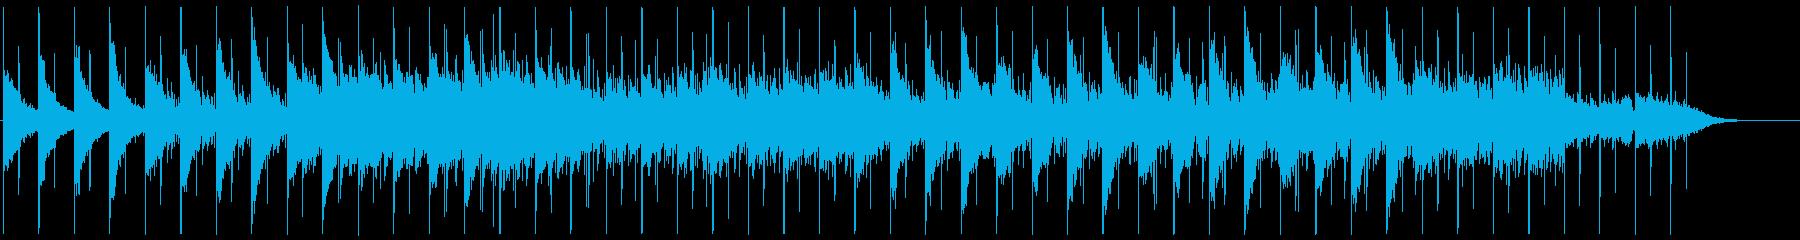 ■ゆったり-動画-夕日-BGM-店舗-森の再生済みの波形